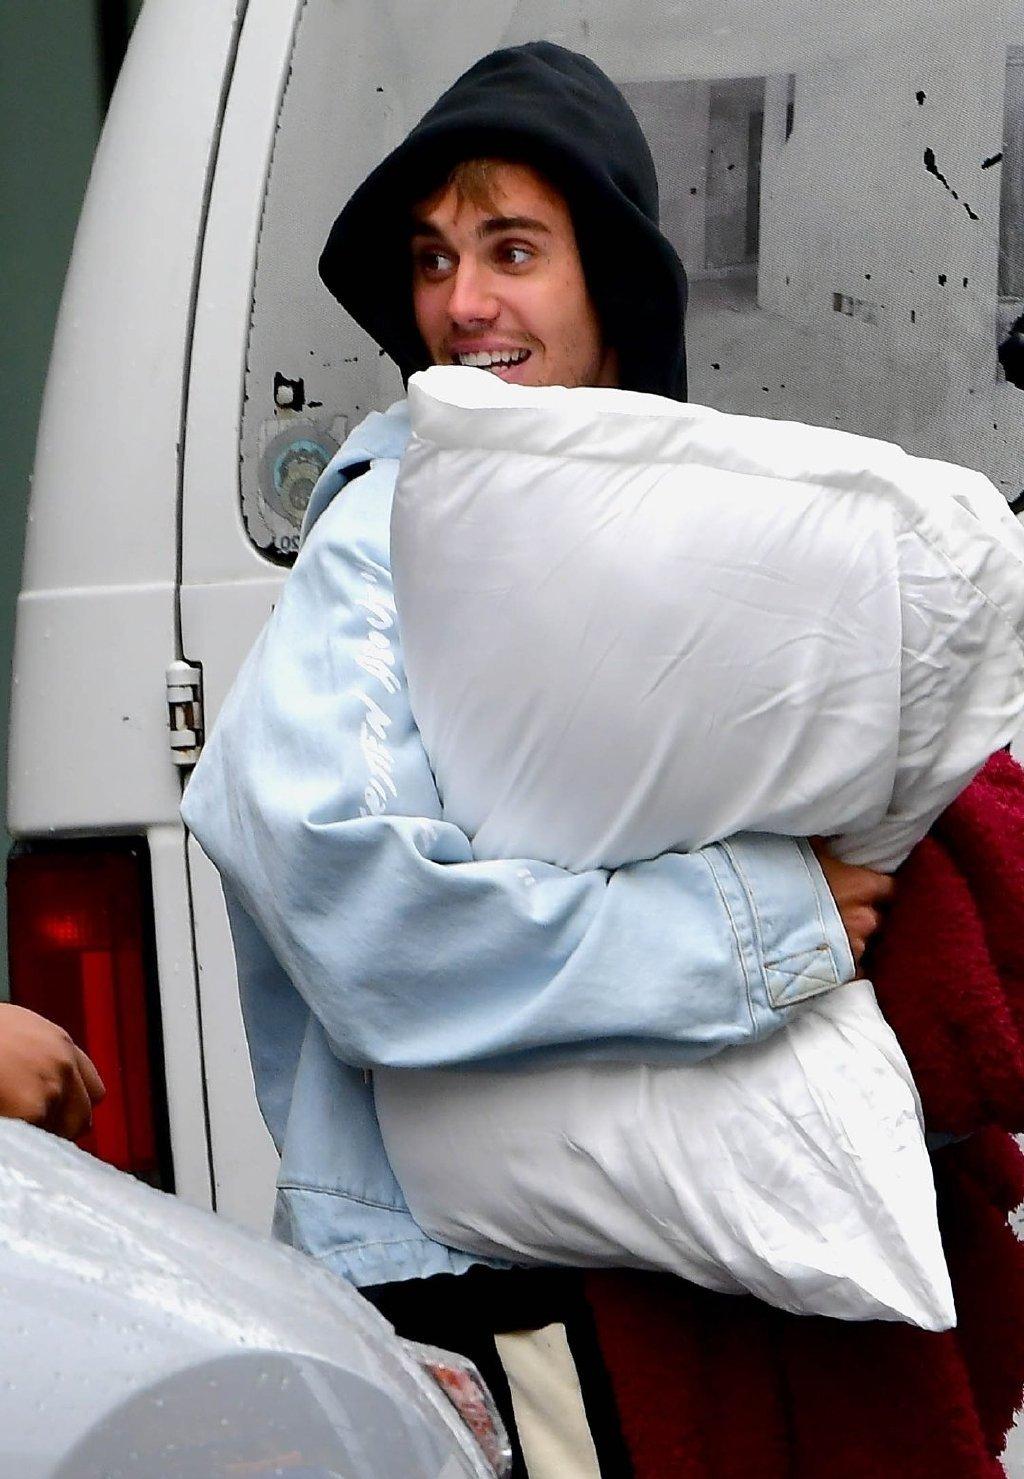 原创             贾斯汀·比伯和海莉搬入豪宅啦!可爱的比伯还抱走了自己的枕头